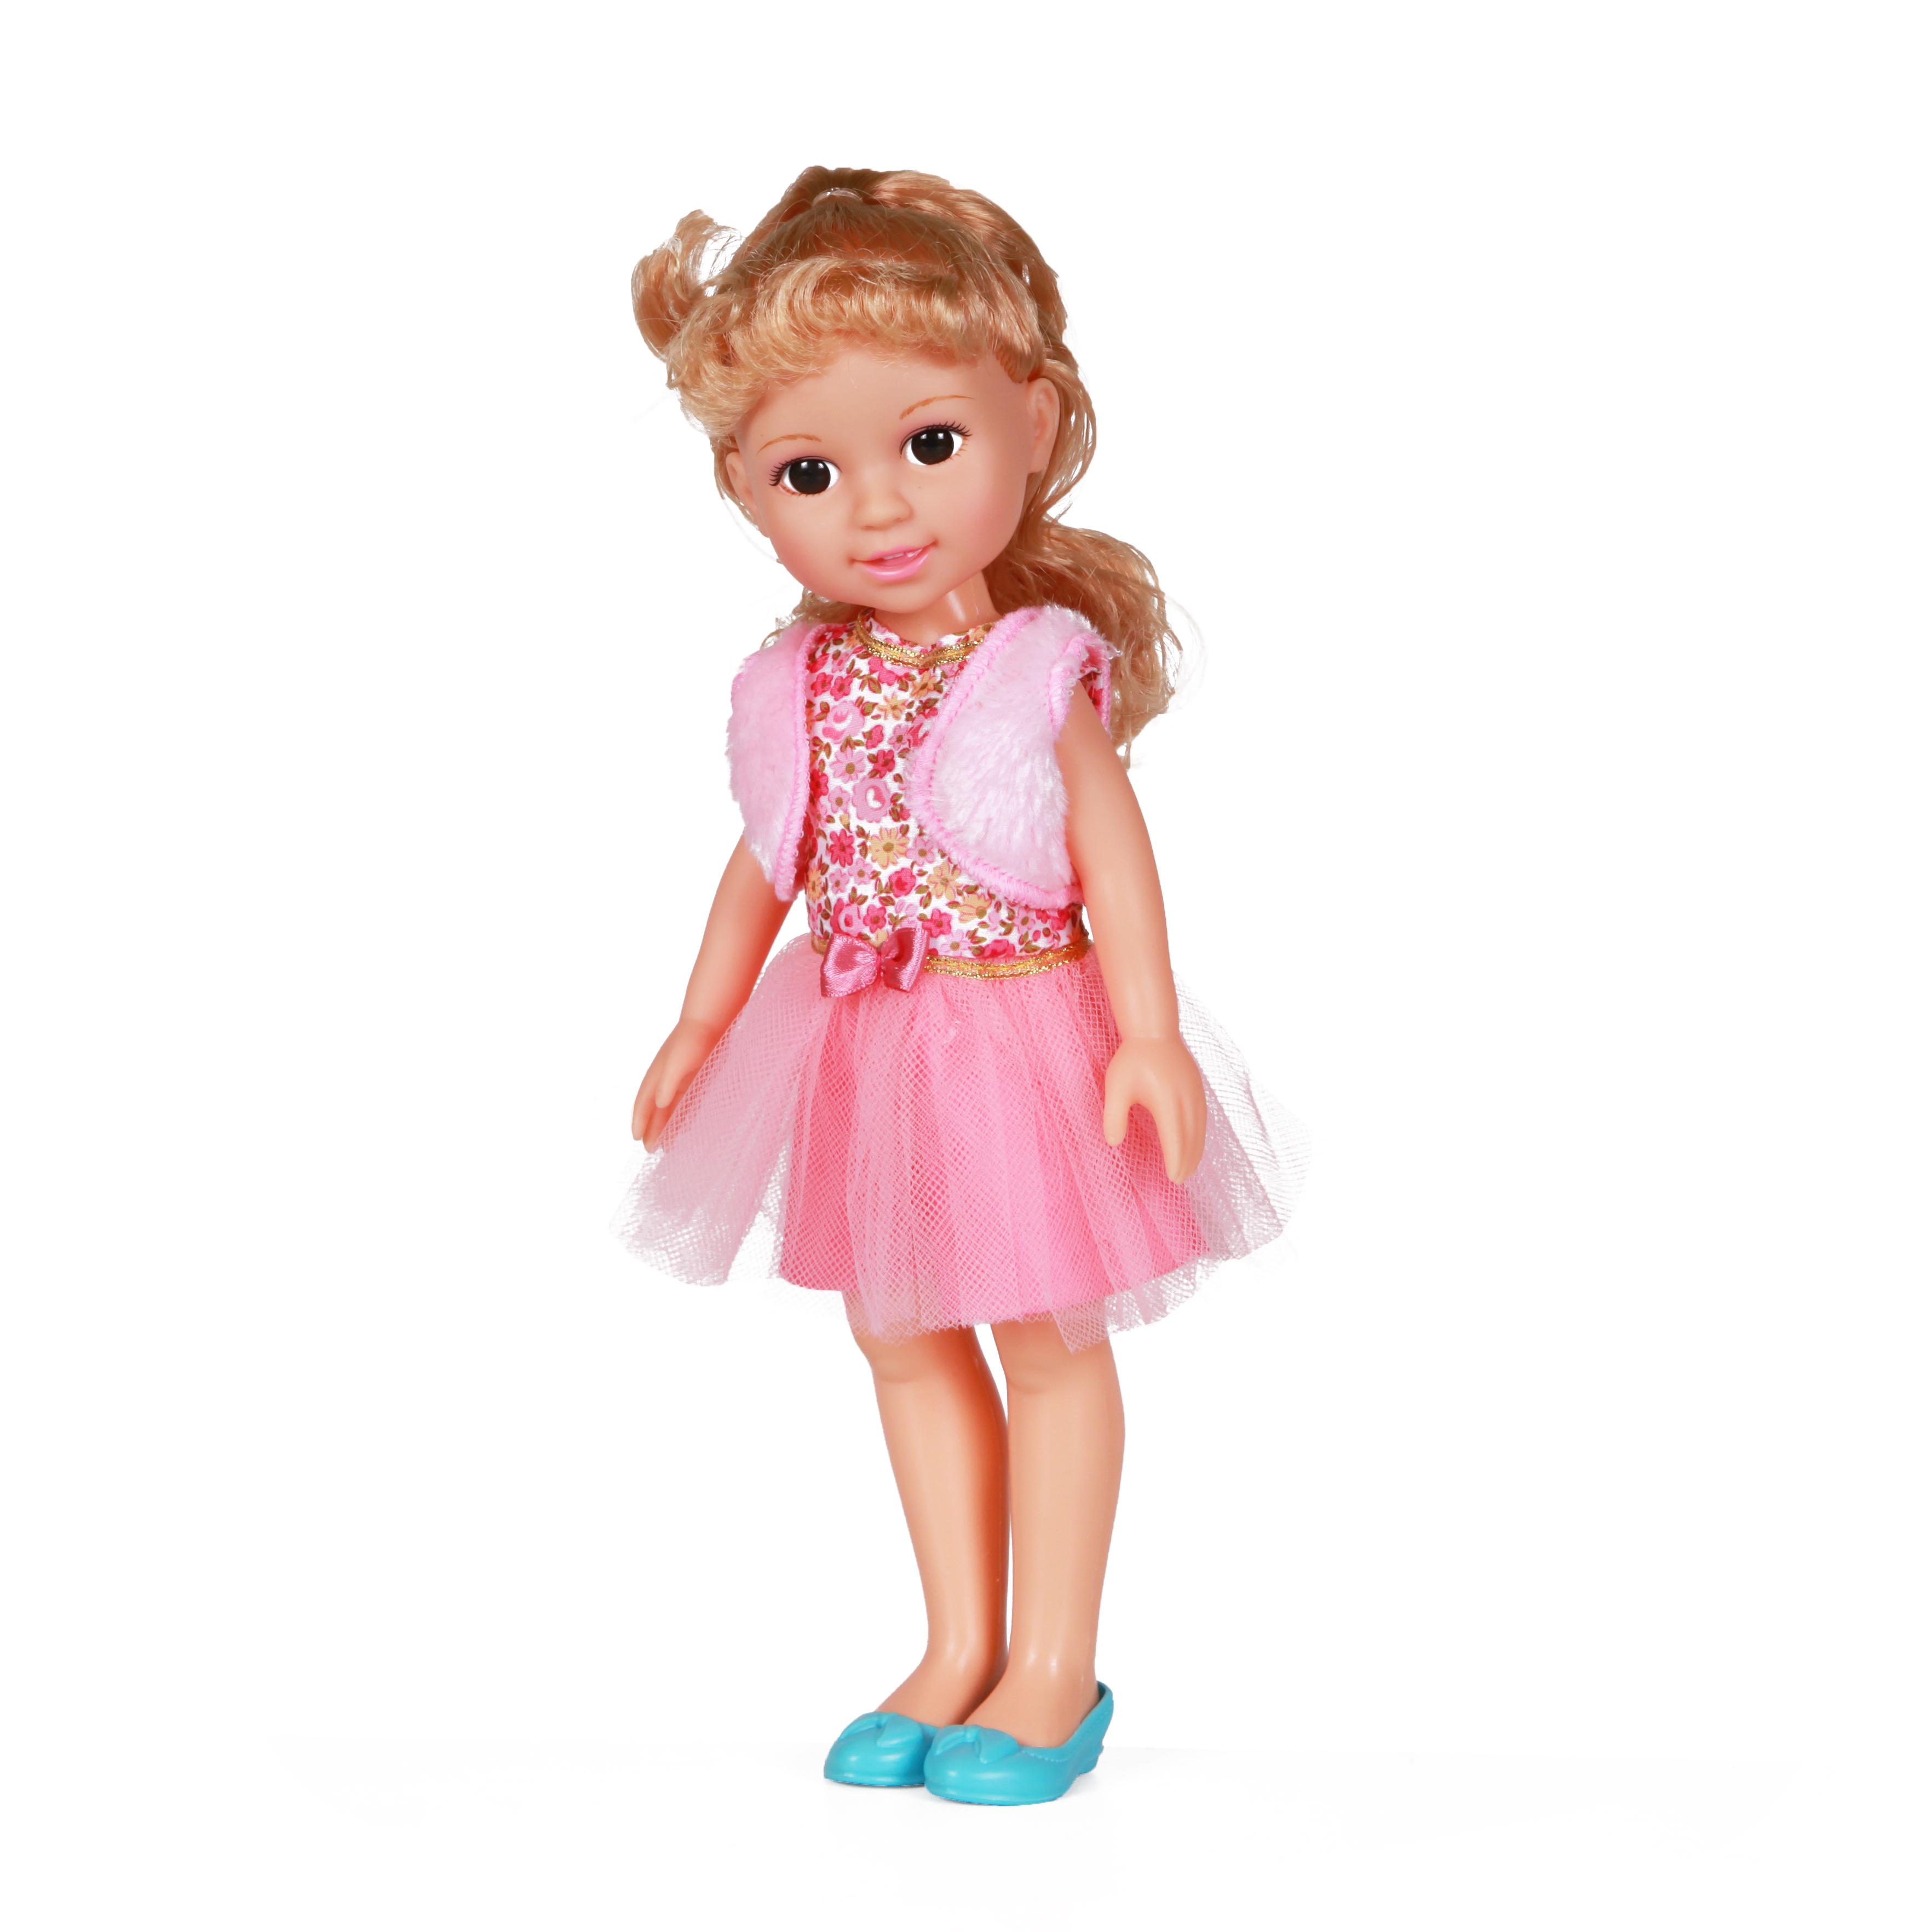 Другие куклы YAKO Кукла Yako Jammy M6306 кукла yako m6289